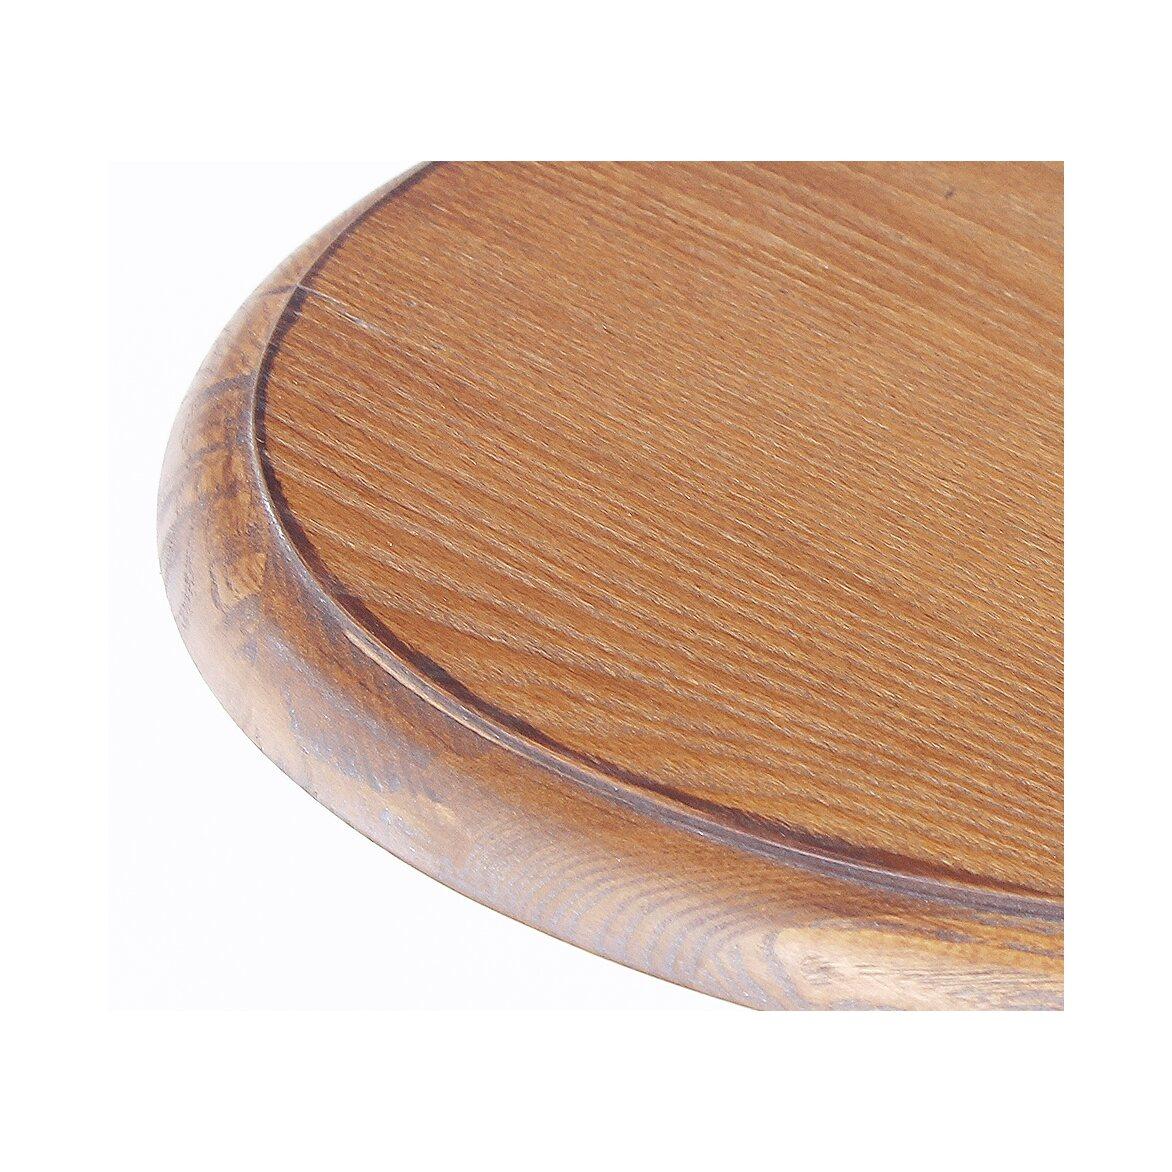 Кофейный столик (круглый) Leontina, бежевого цвета 3 | Кофейные столики Kingsby